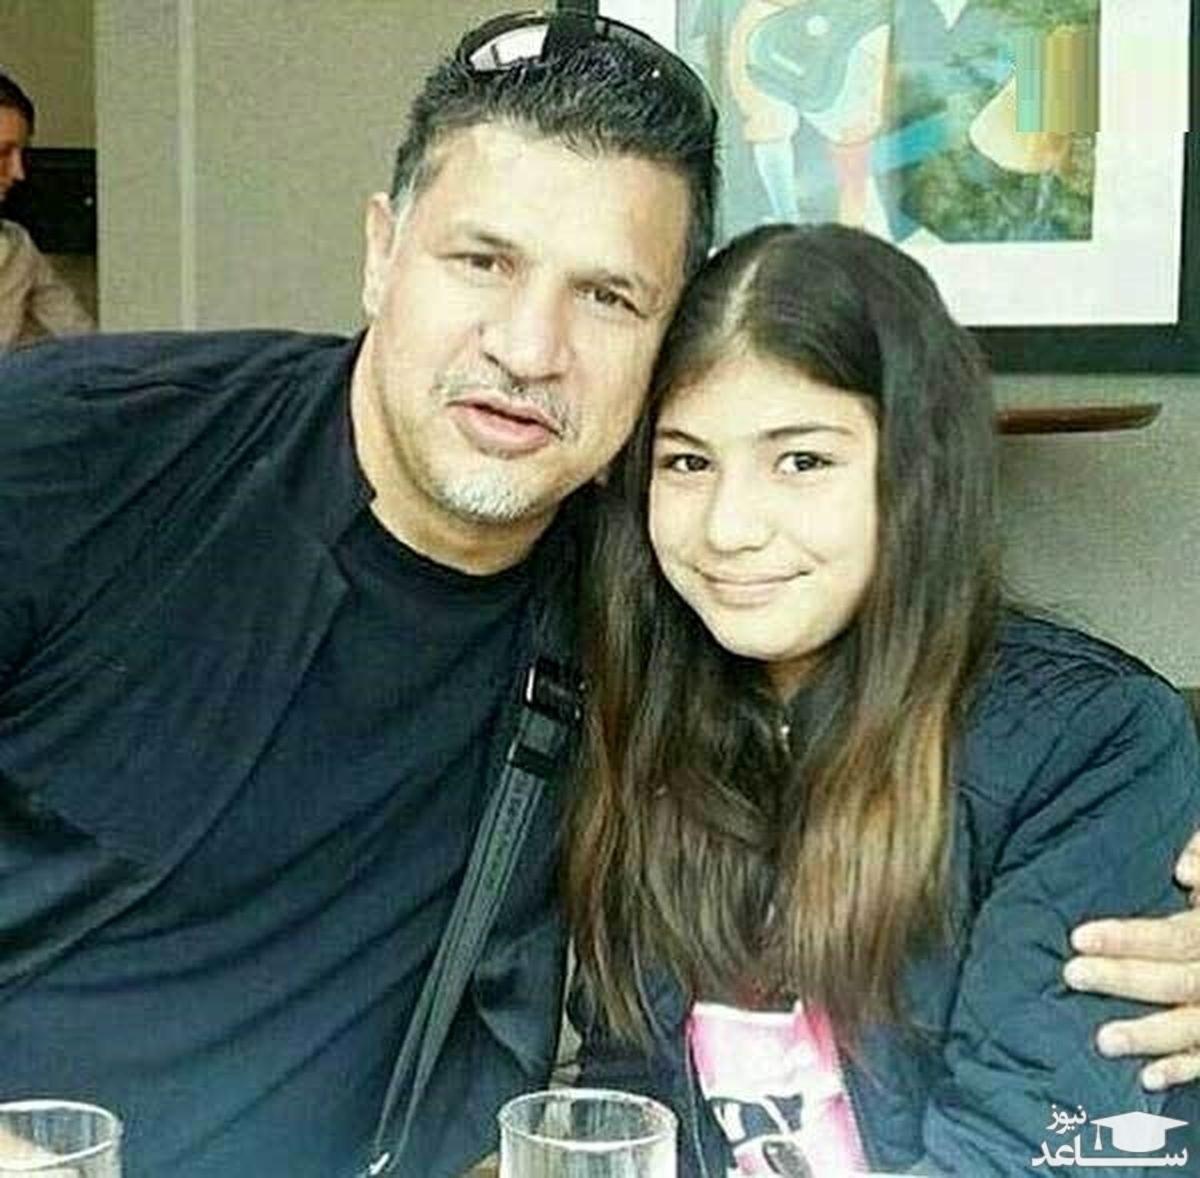 زندگی اروپایی دختر علی دایی در آمریکا